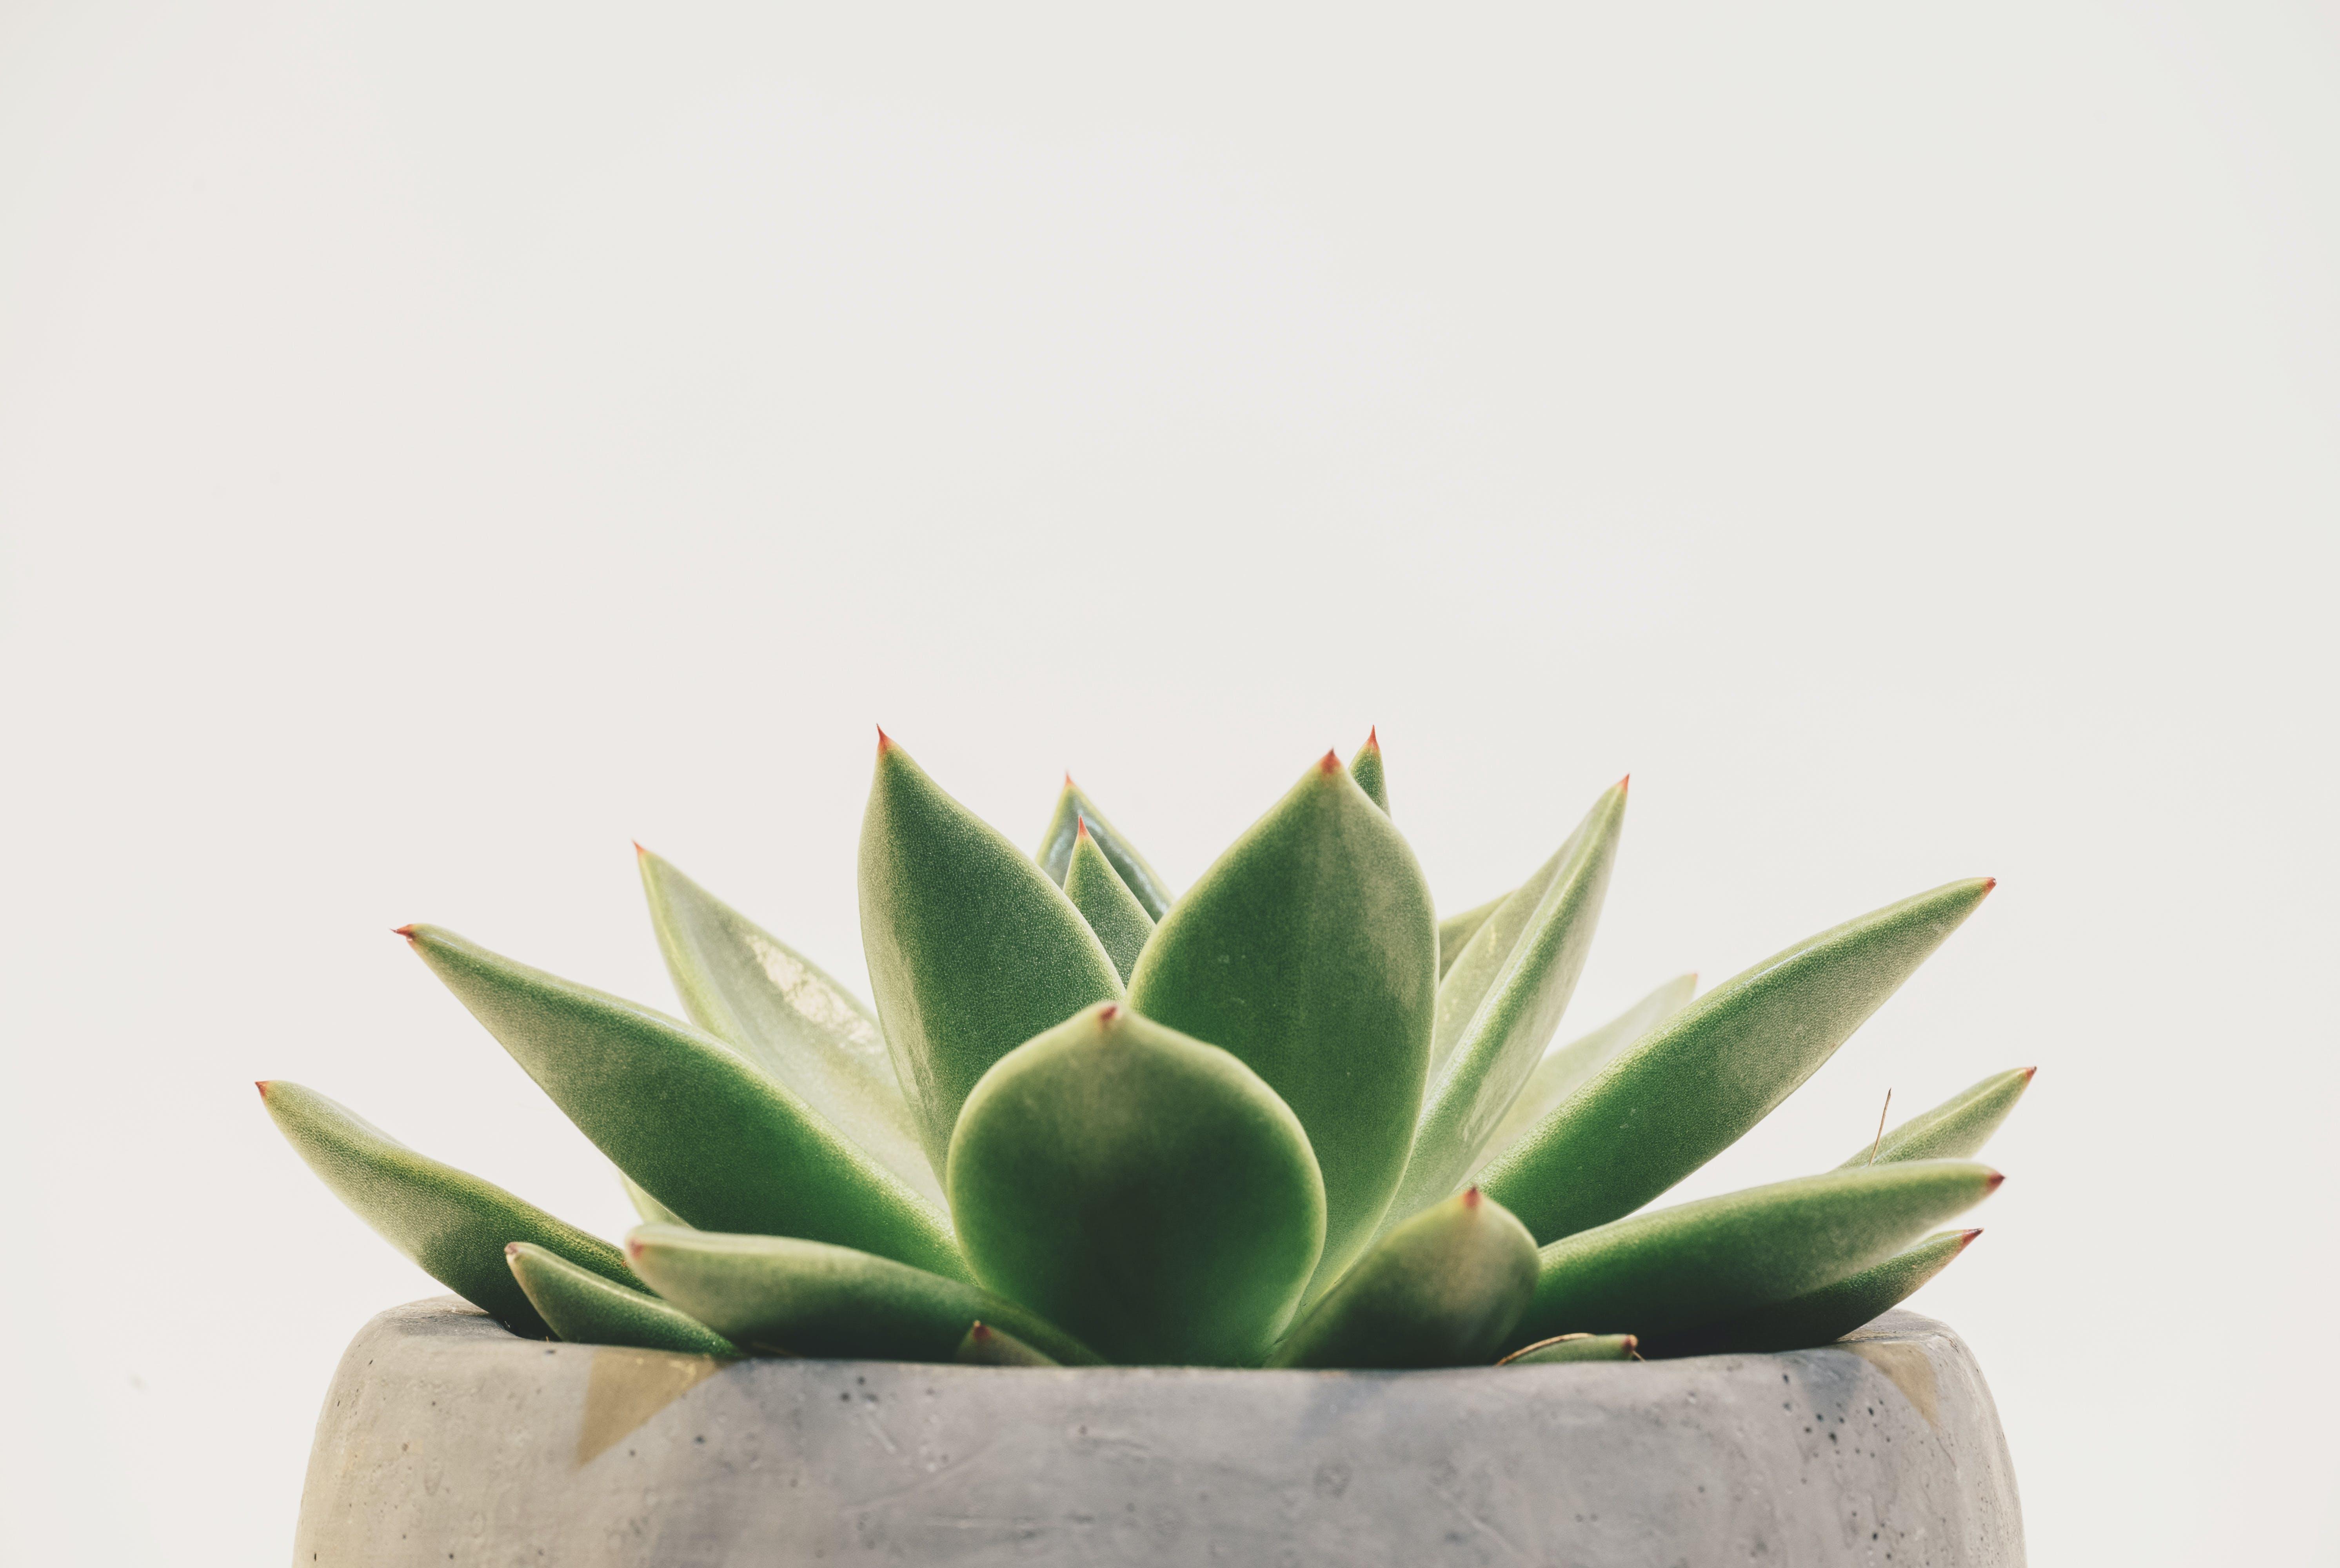 Kostenloses Stock Foto zu agave, desktop hintergrundbilder, hd wallpaper, kostenlose wallpaper